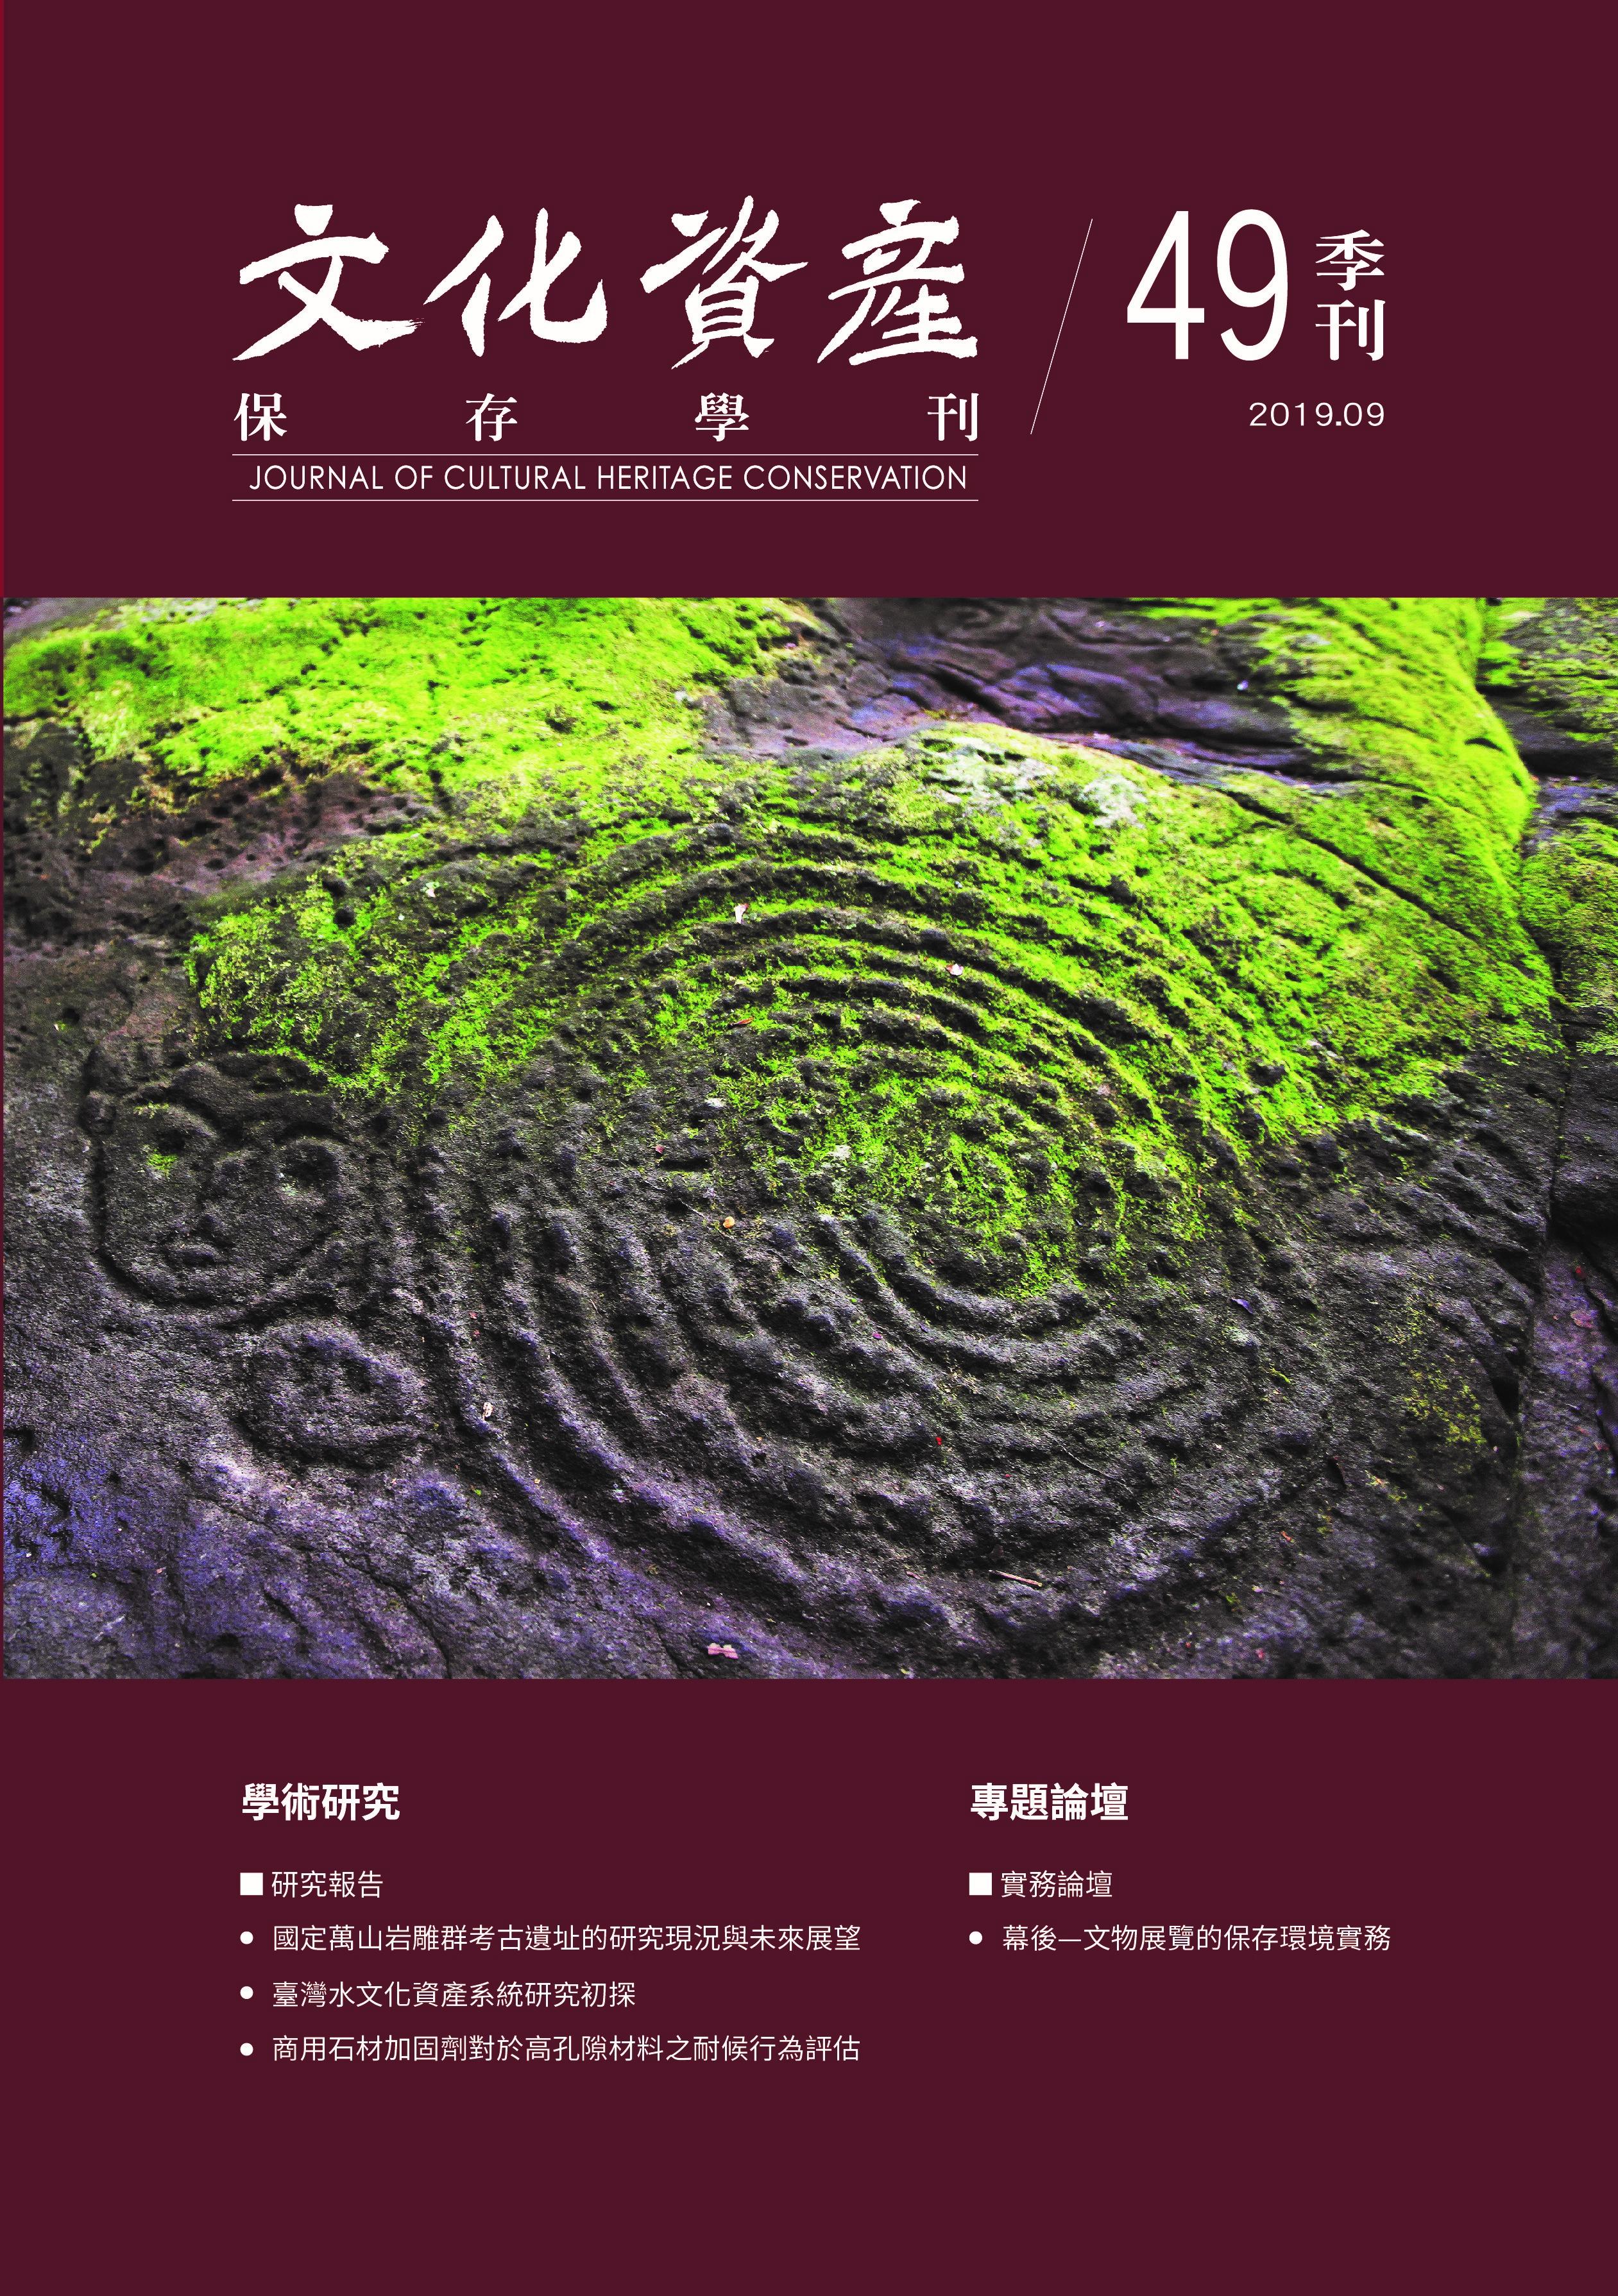 文化資產49_封面_NEW-02-1.jpg